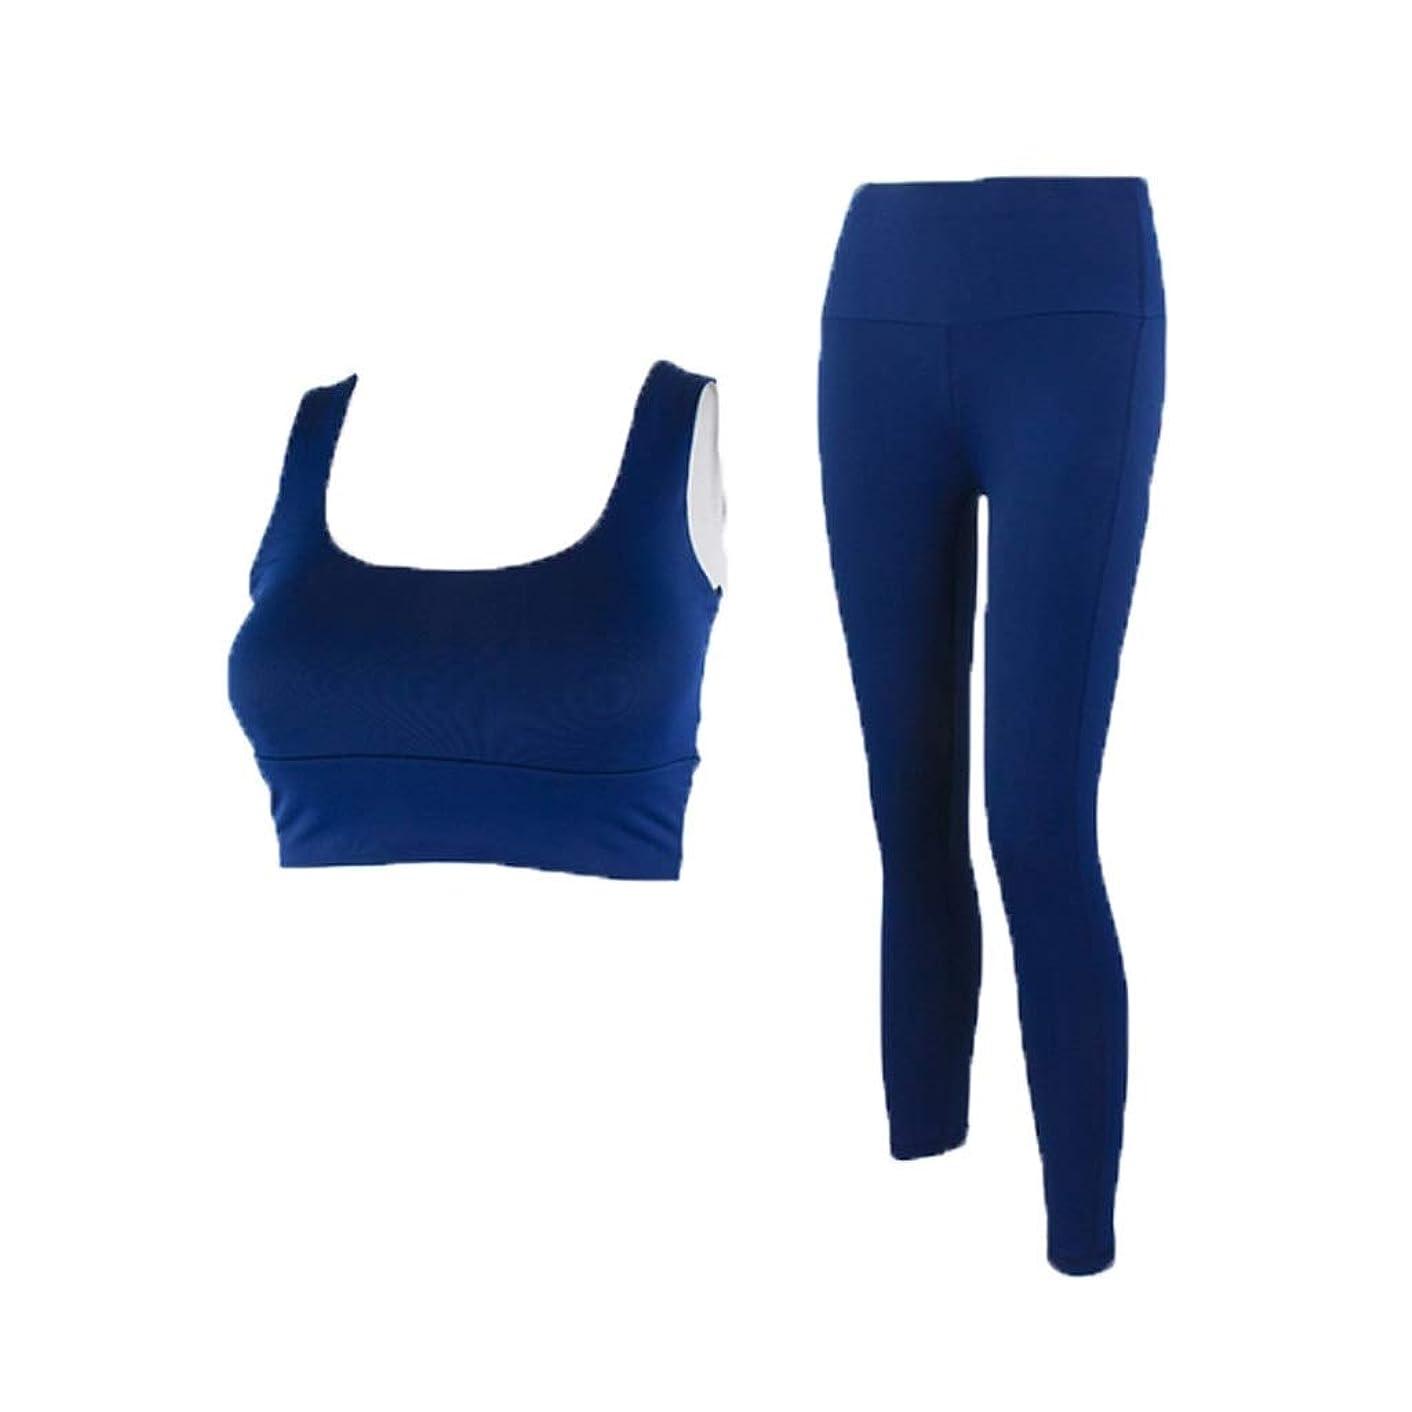 説明的教義鉄道ツーピースの女性のヨガウェアスリムフィットストレッチヨガウェアヨガベストフィットネススーツ (Color : 1, Size : L)